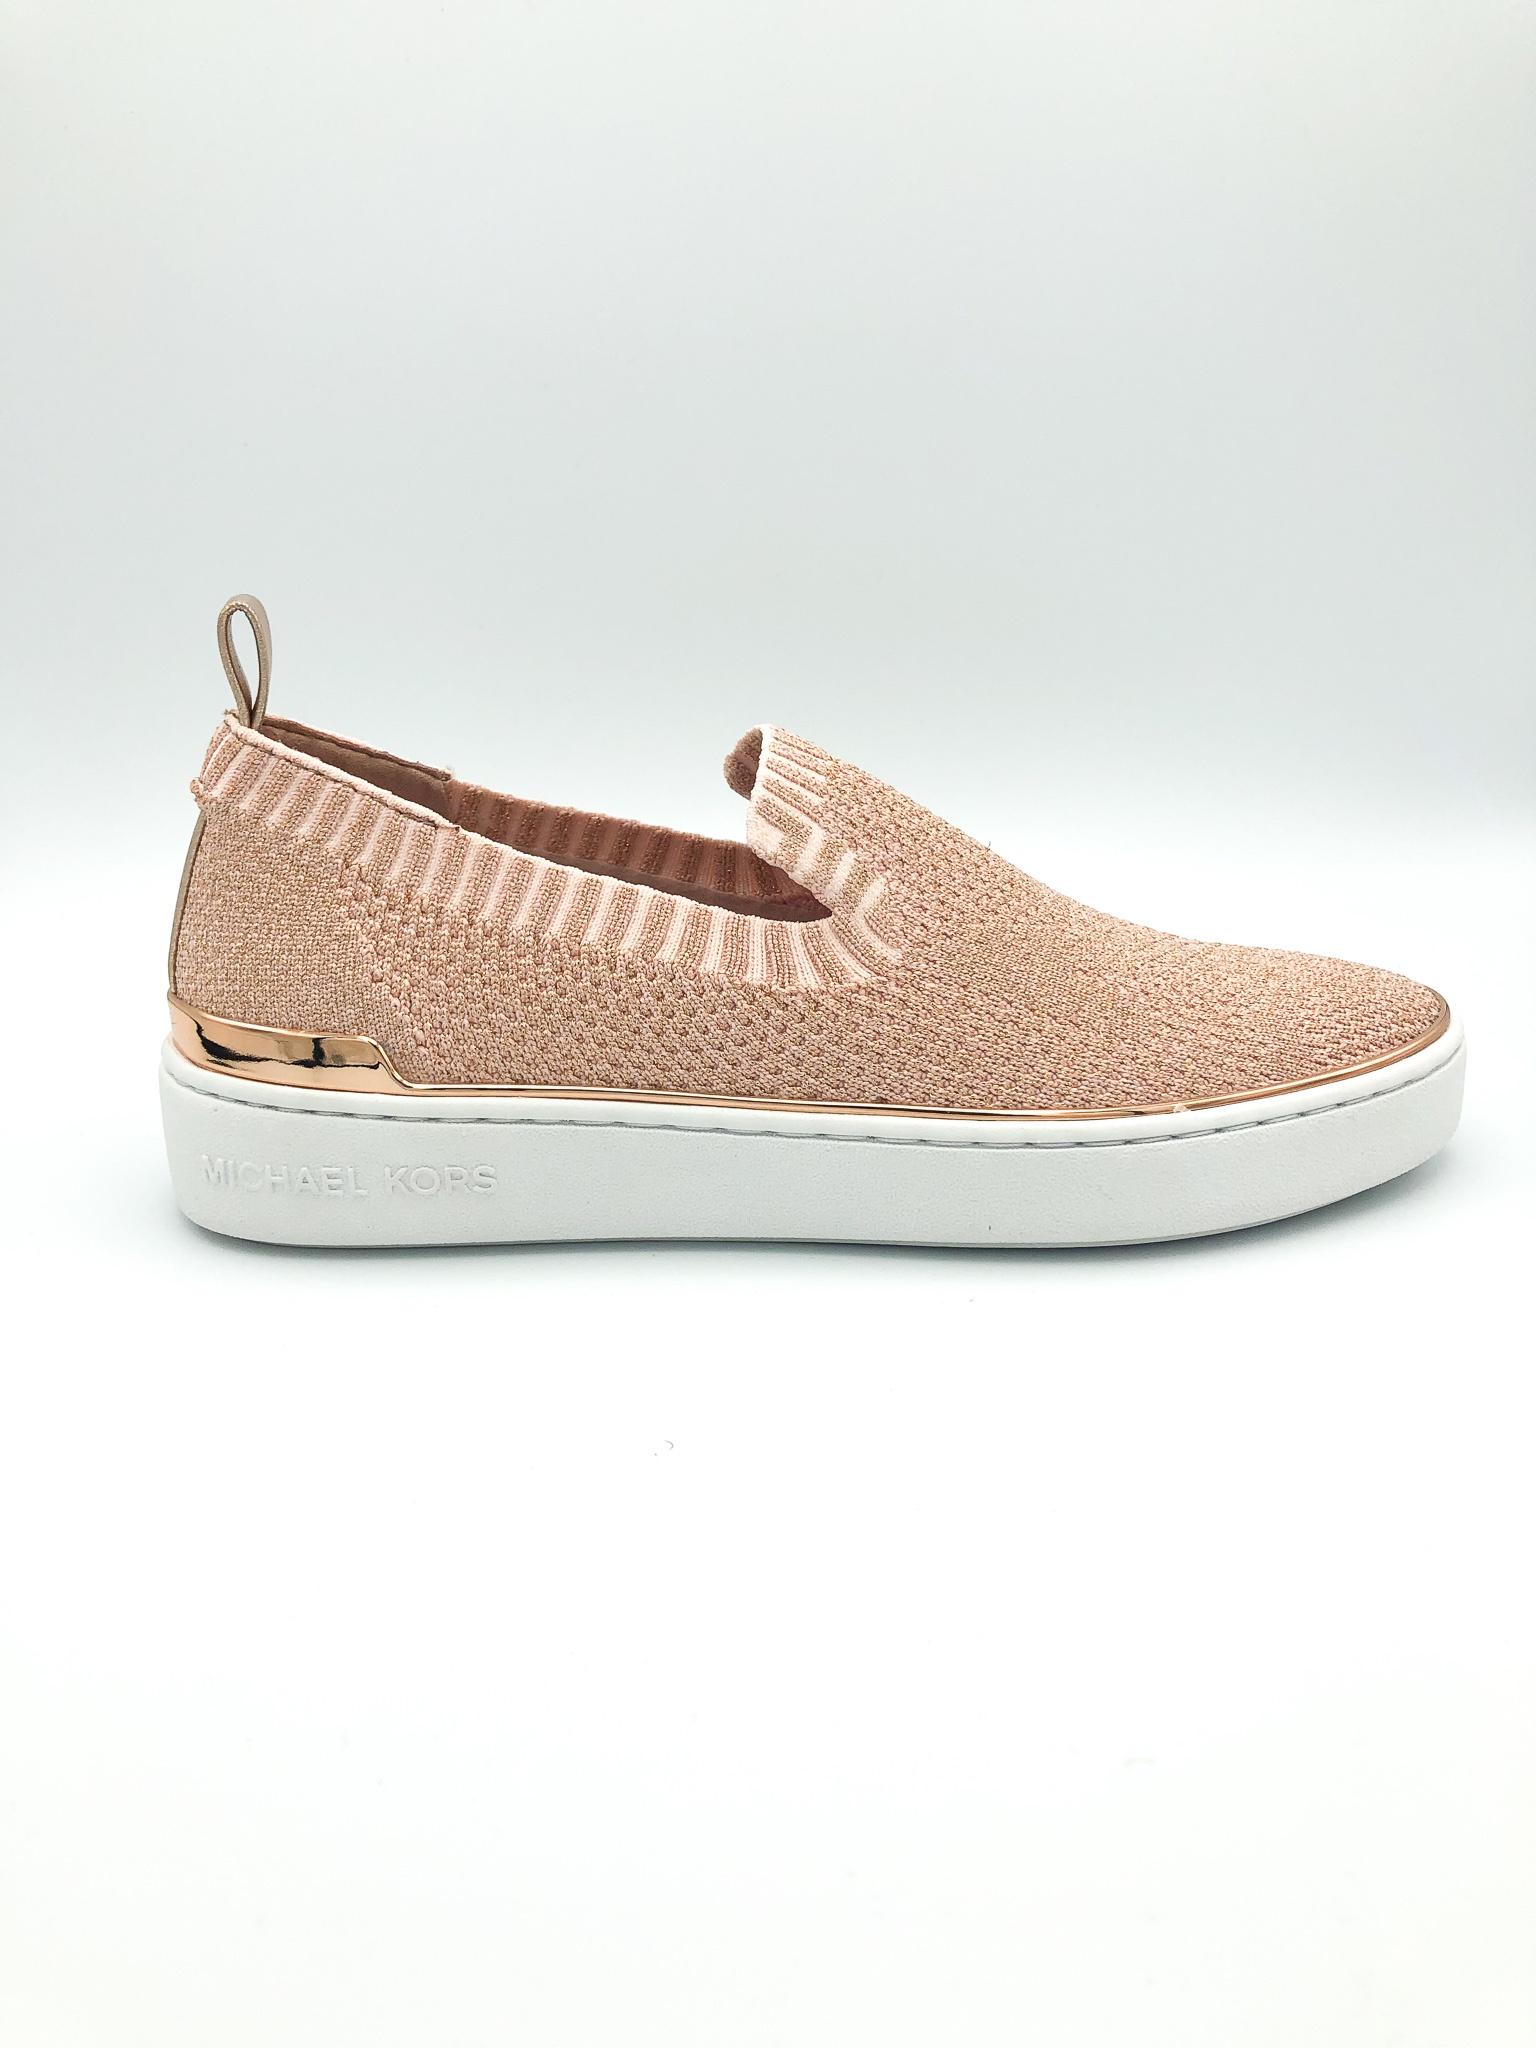 d8a93b065 MICHAEL KORS - SKYLER SLIP ON IN ROSE GOLD - the Urban Shoe Myth